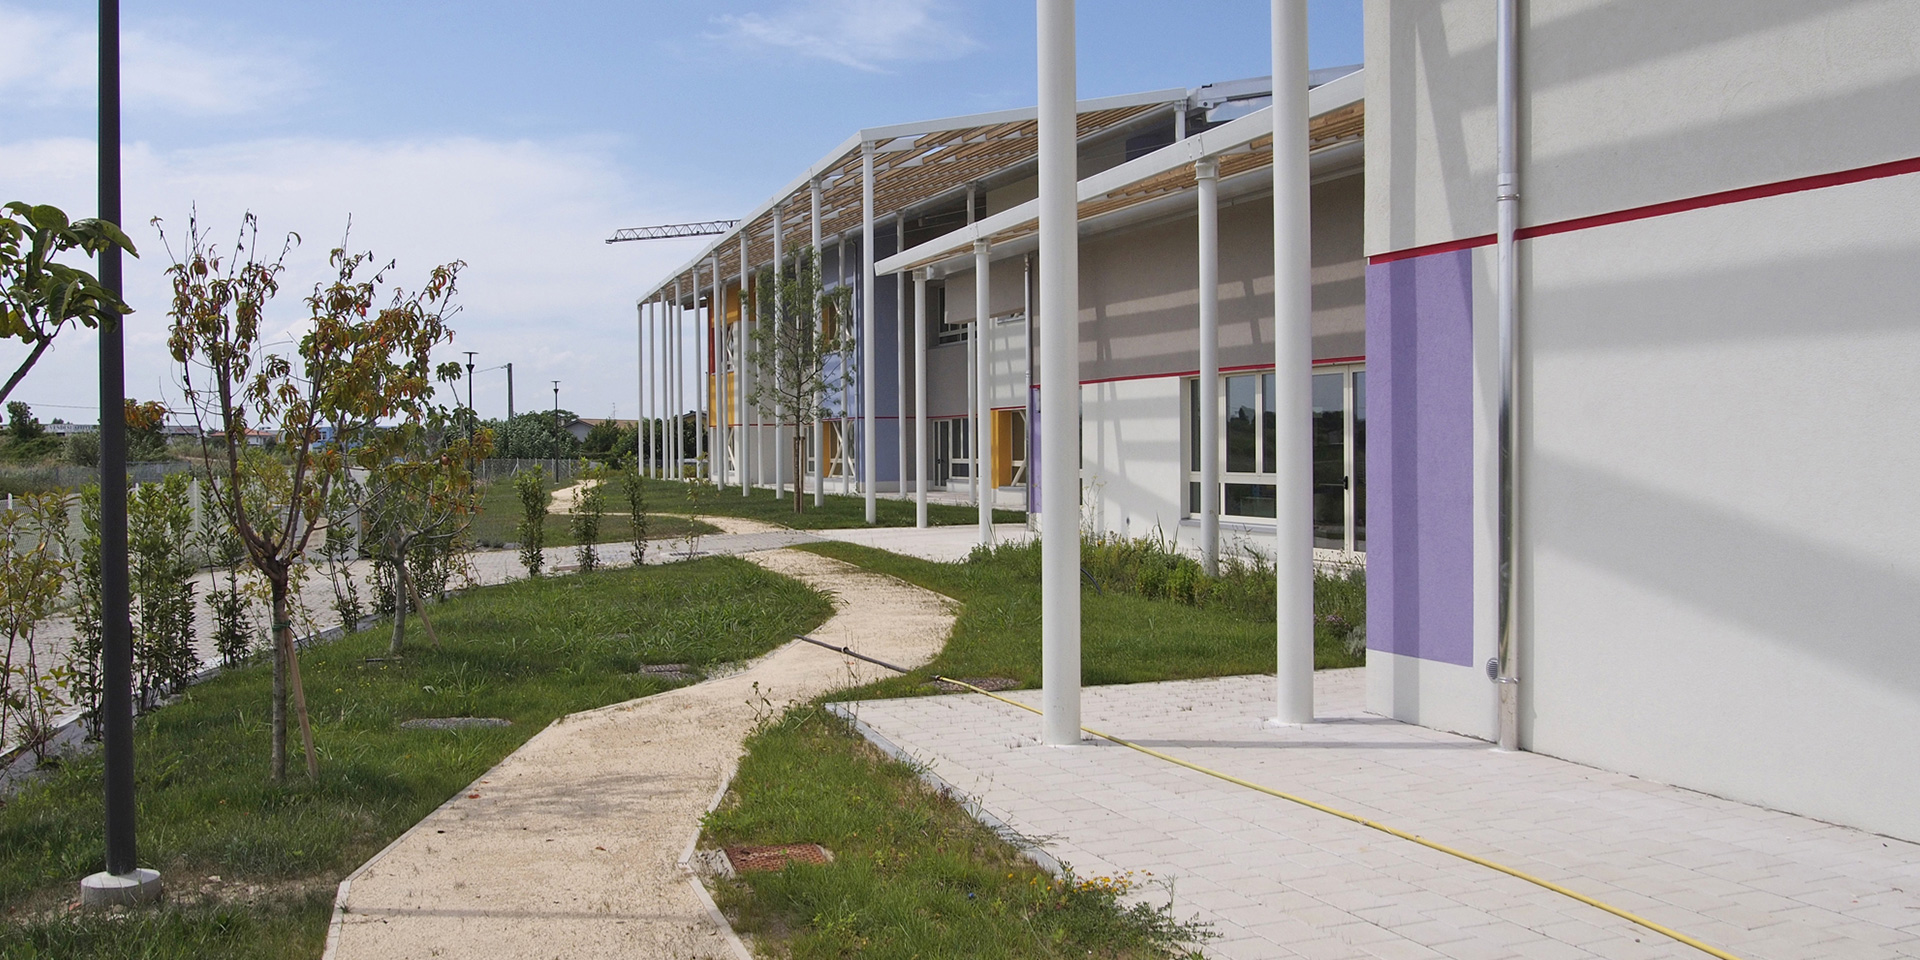 Polo scolastico di Villamarina a Cesenatico, Binini Partners, Società di architettura e ingegneria